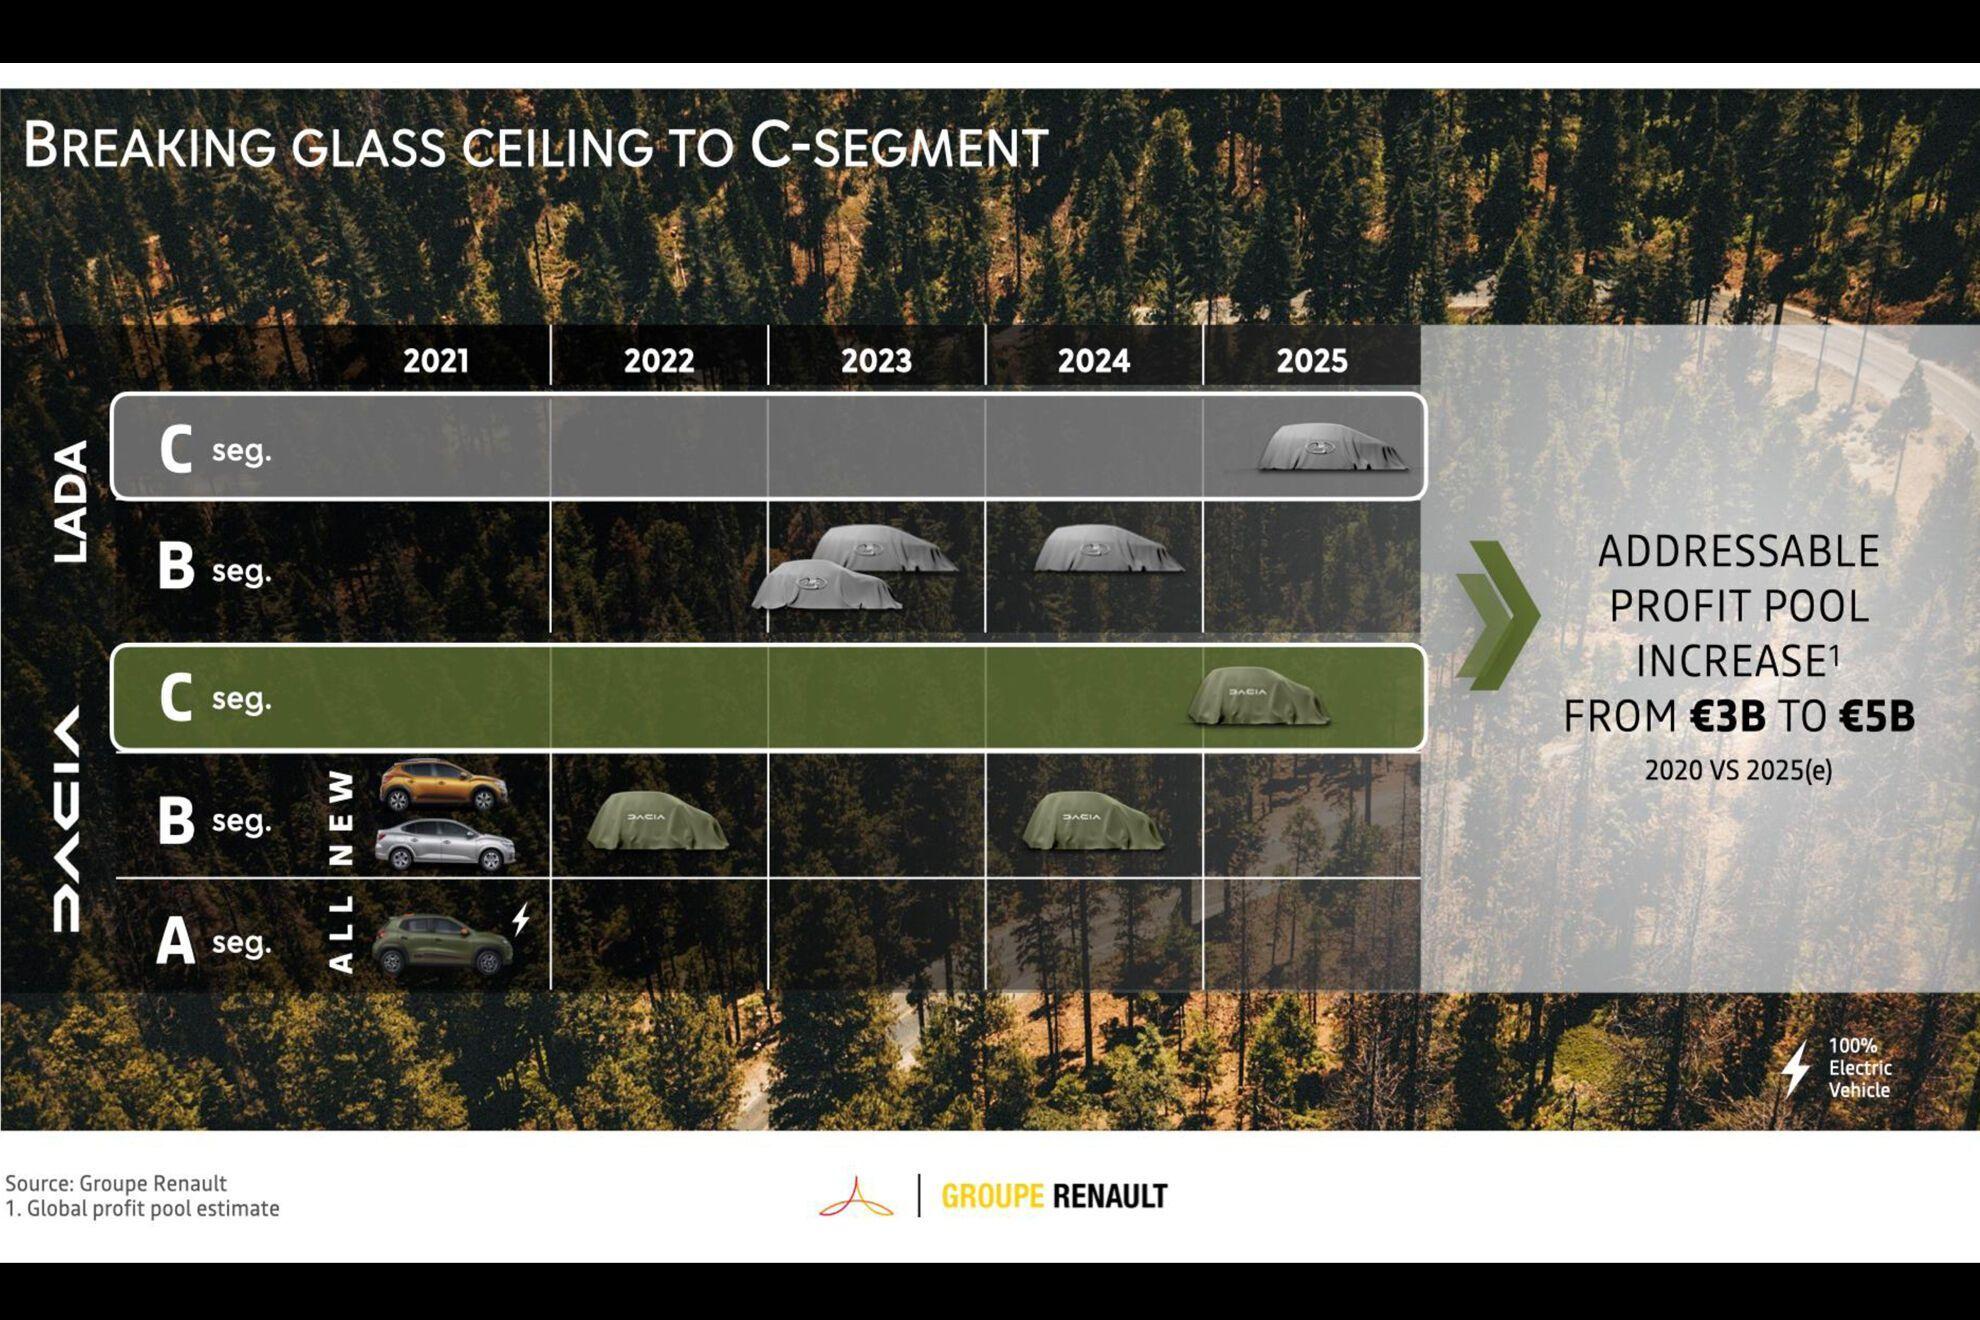 Випуск автомобілів Lada на уніфікованій платформі Renault почнеться у 2023 році